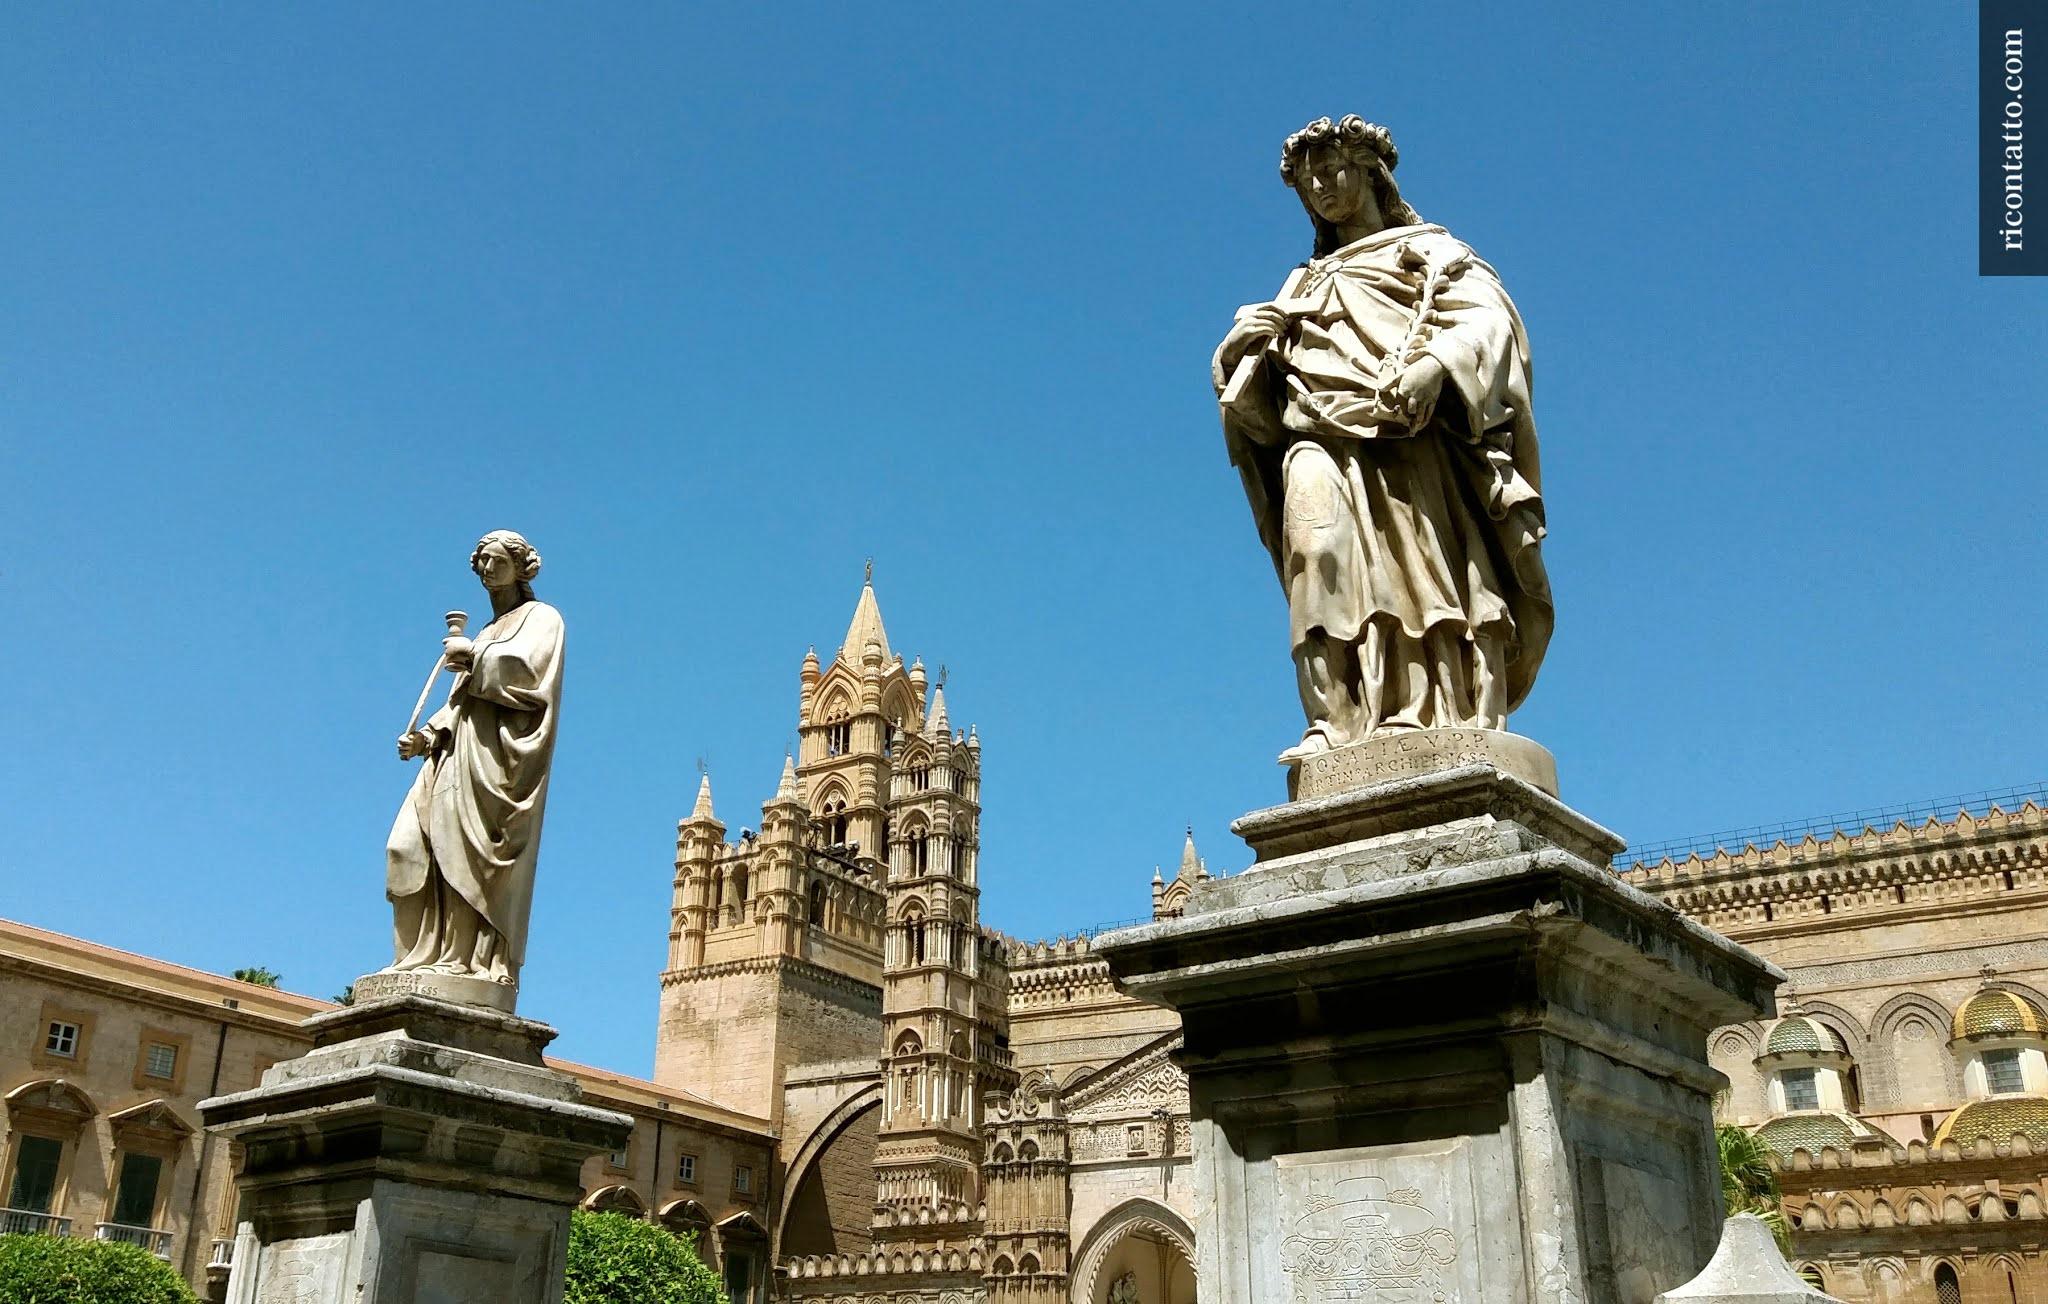 Palermo, Sicilia, Italy - Photo #13 by Ricontatto.com